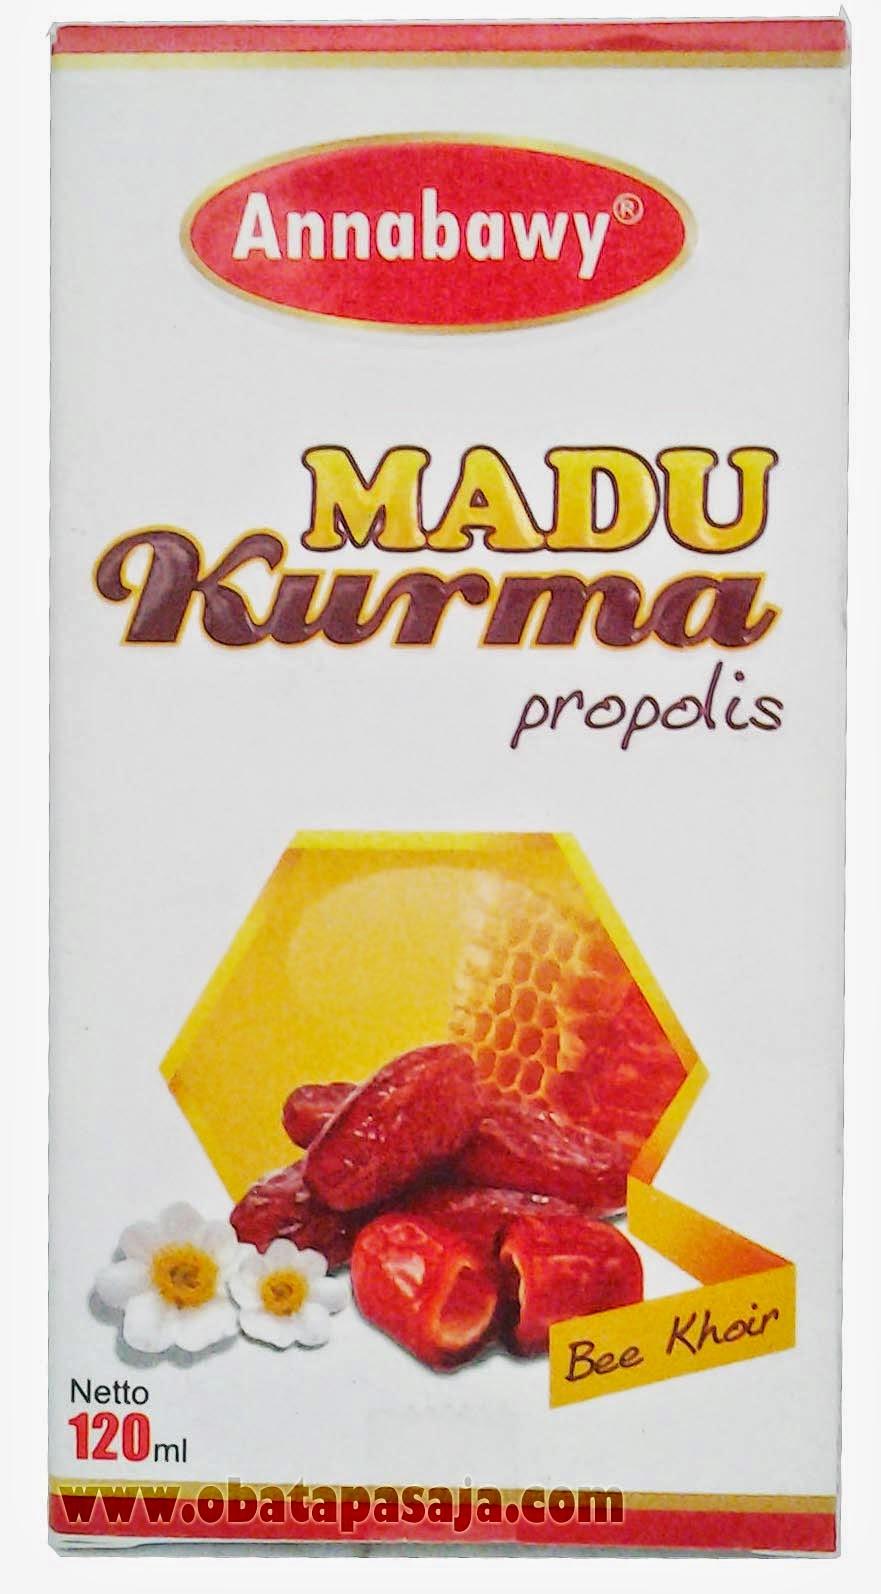 Khasiat Madu Kurma Propolis Annabawy